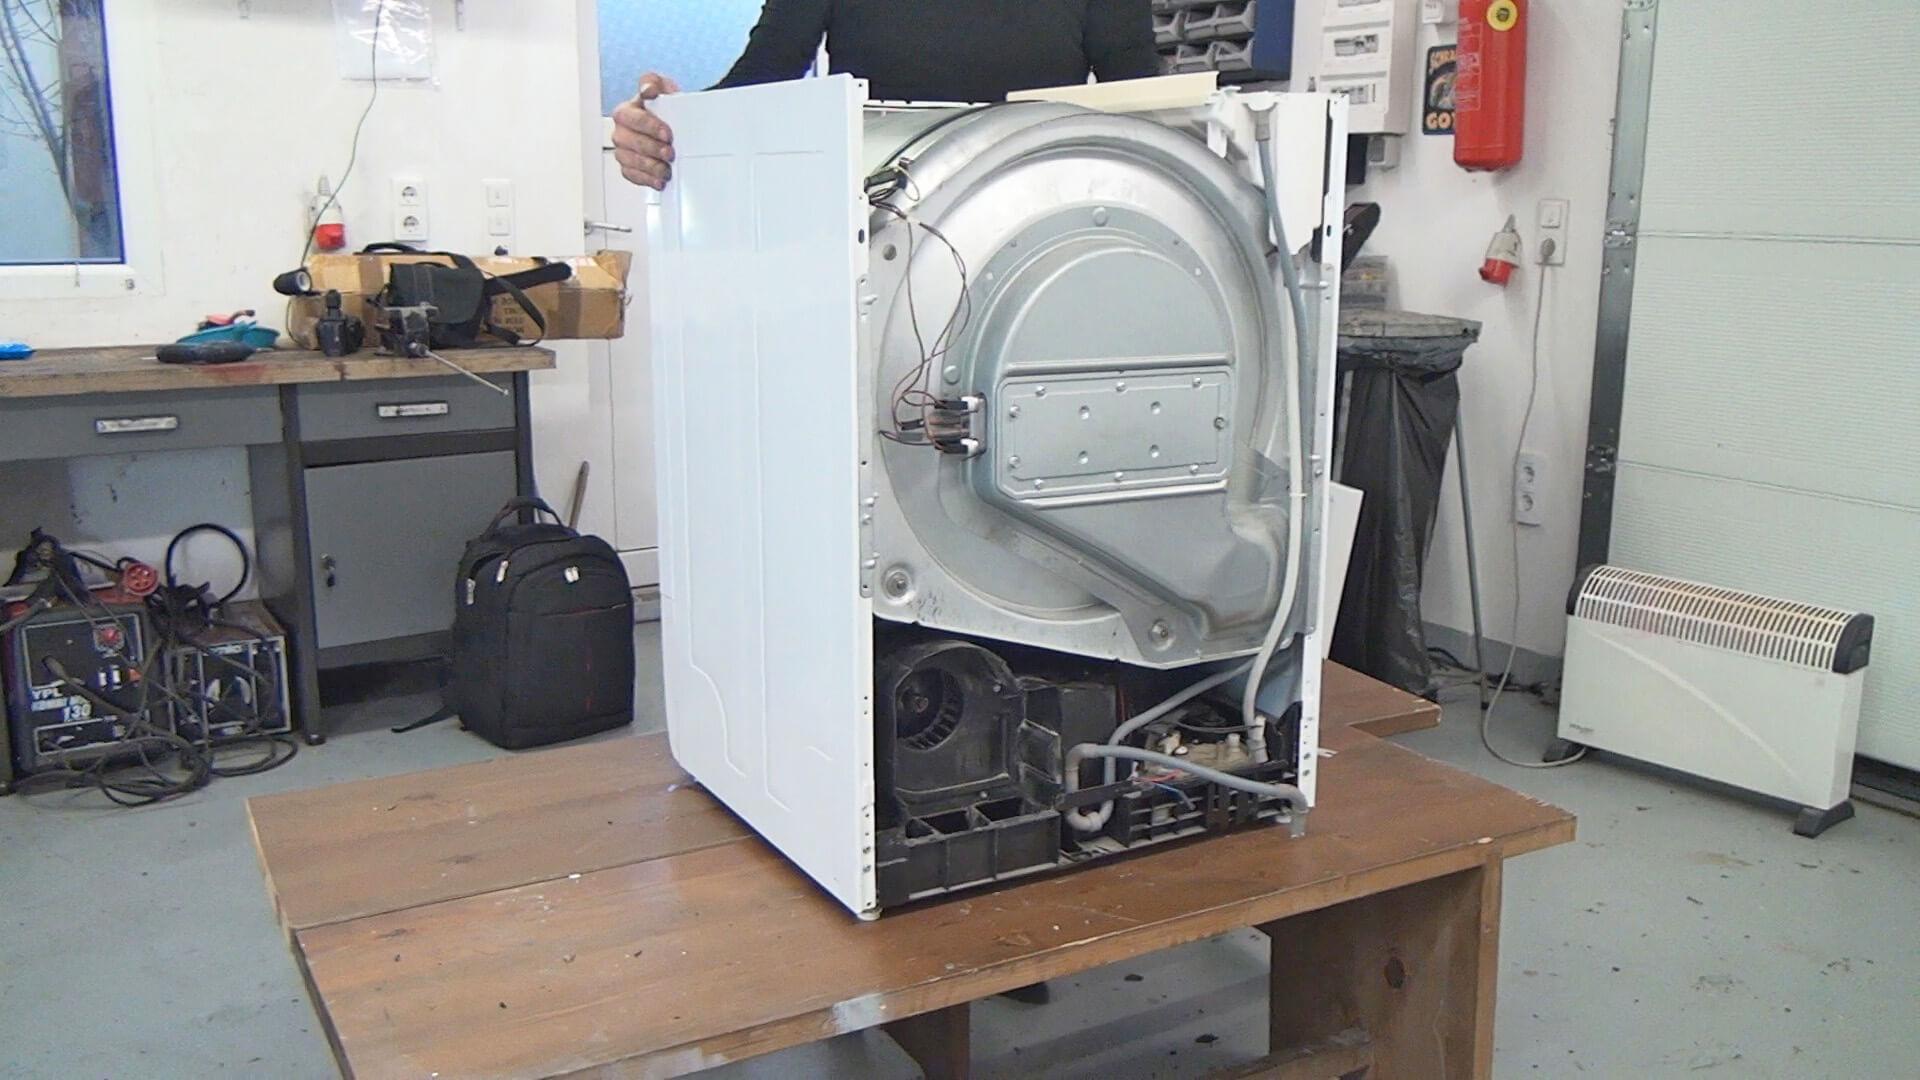 Whirlpool trockner fehlermeldung wasserbehälter leeren